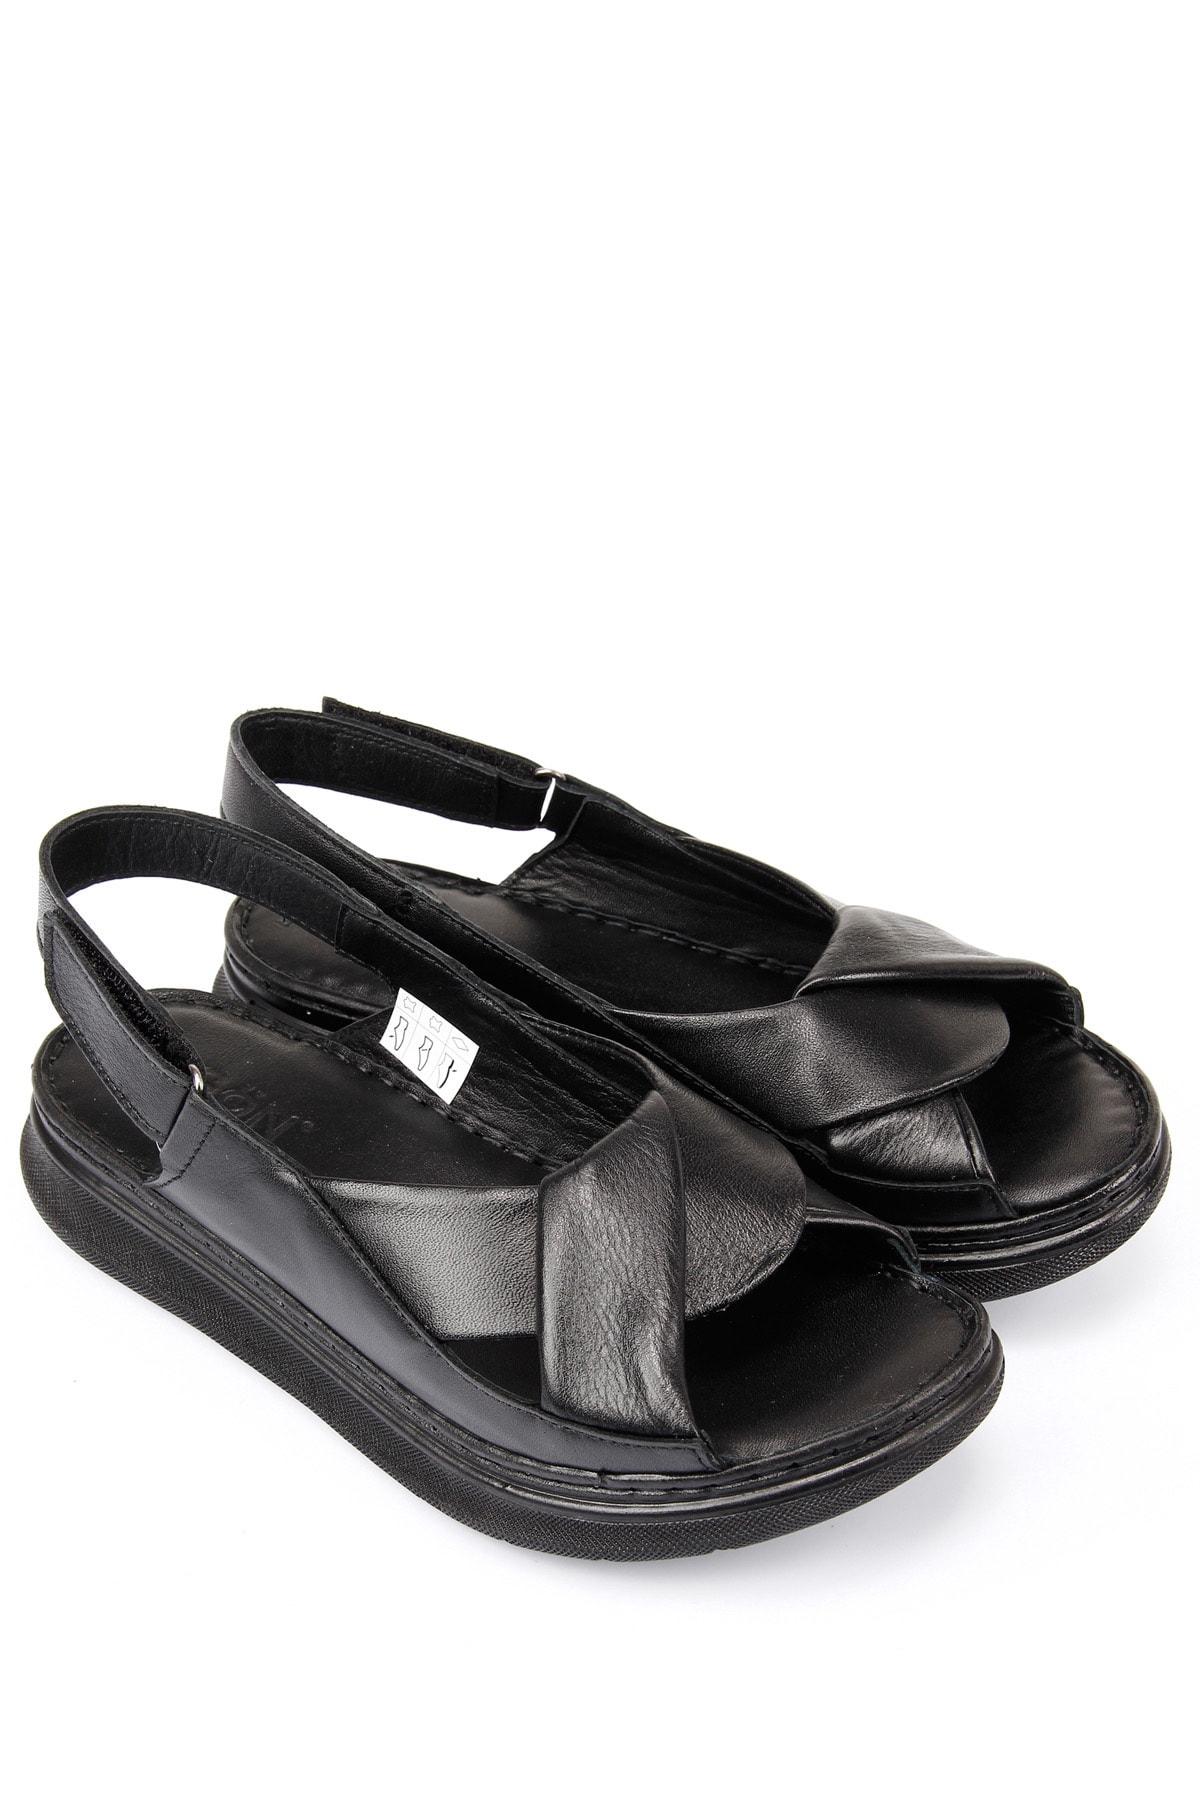 GÖNDERİ(R) Kadın Siyah Hakiki Deri Sandalet 45411 1